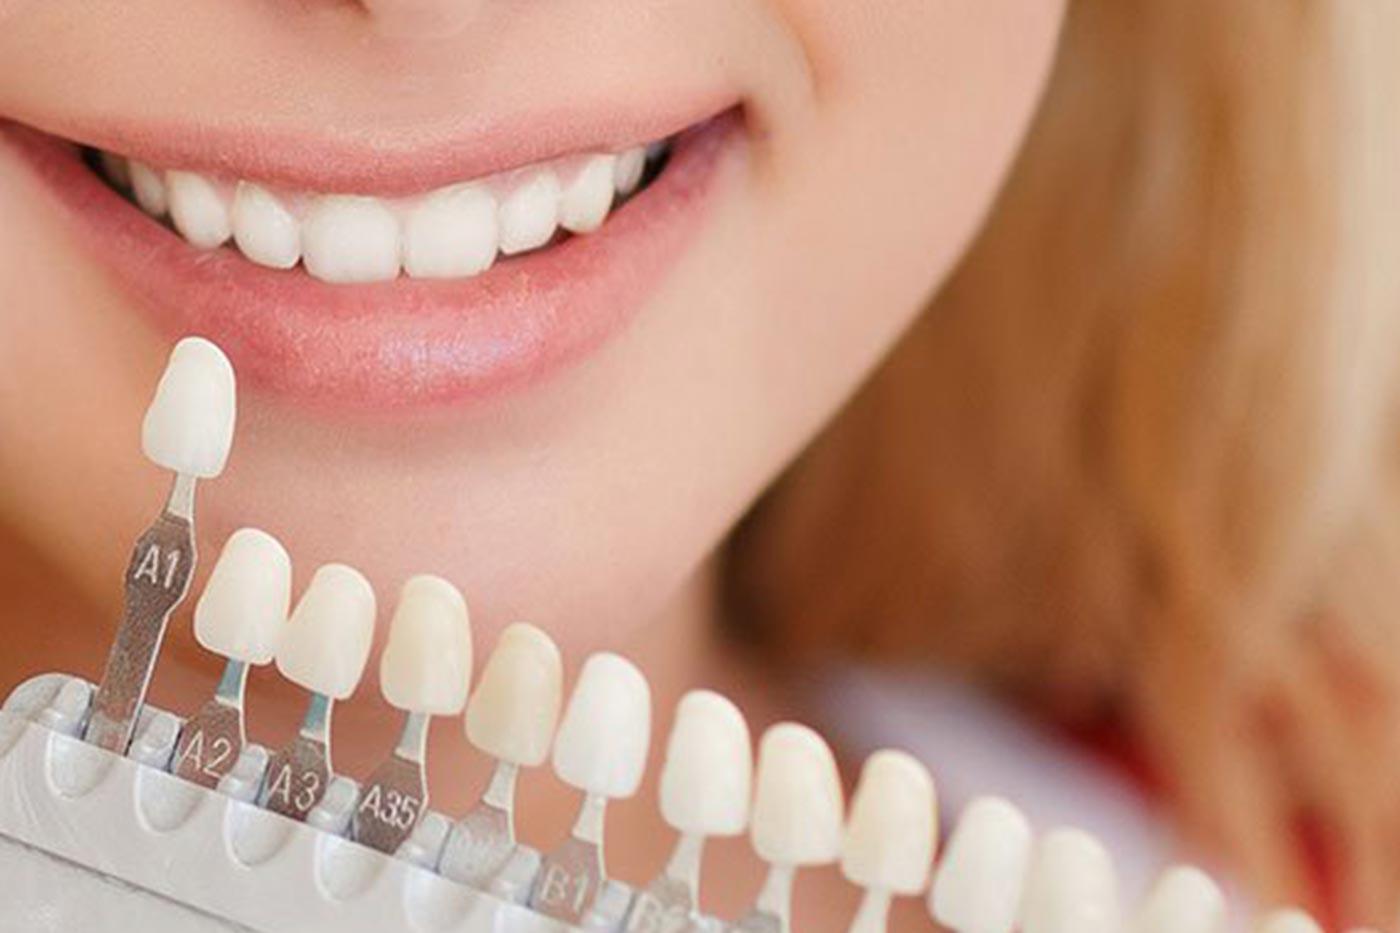 https://dentlotus.com/wp-content/uploads/2021/02/Dental-veneersss.jpg